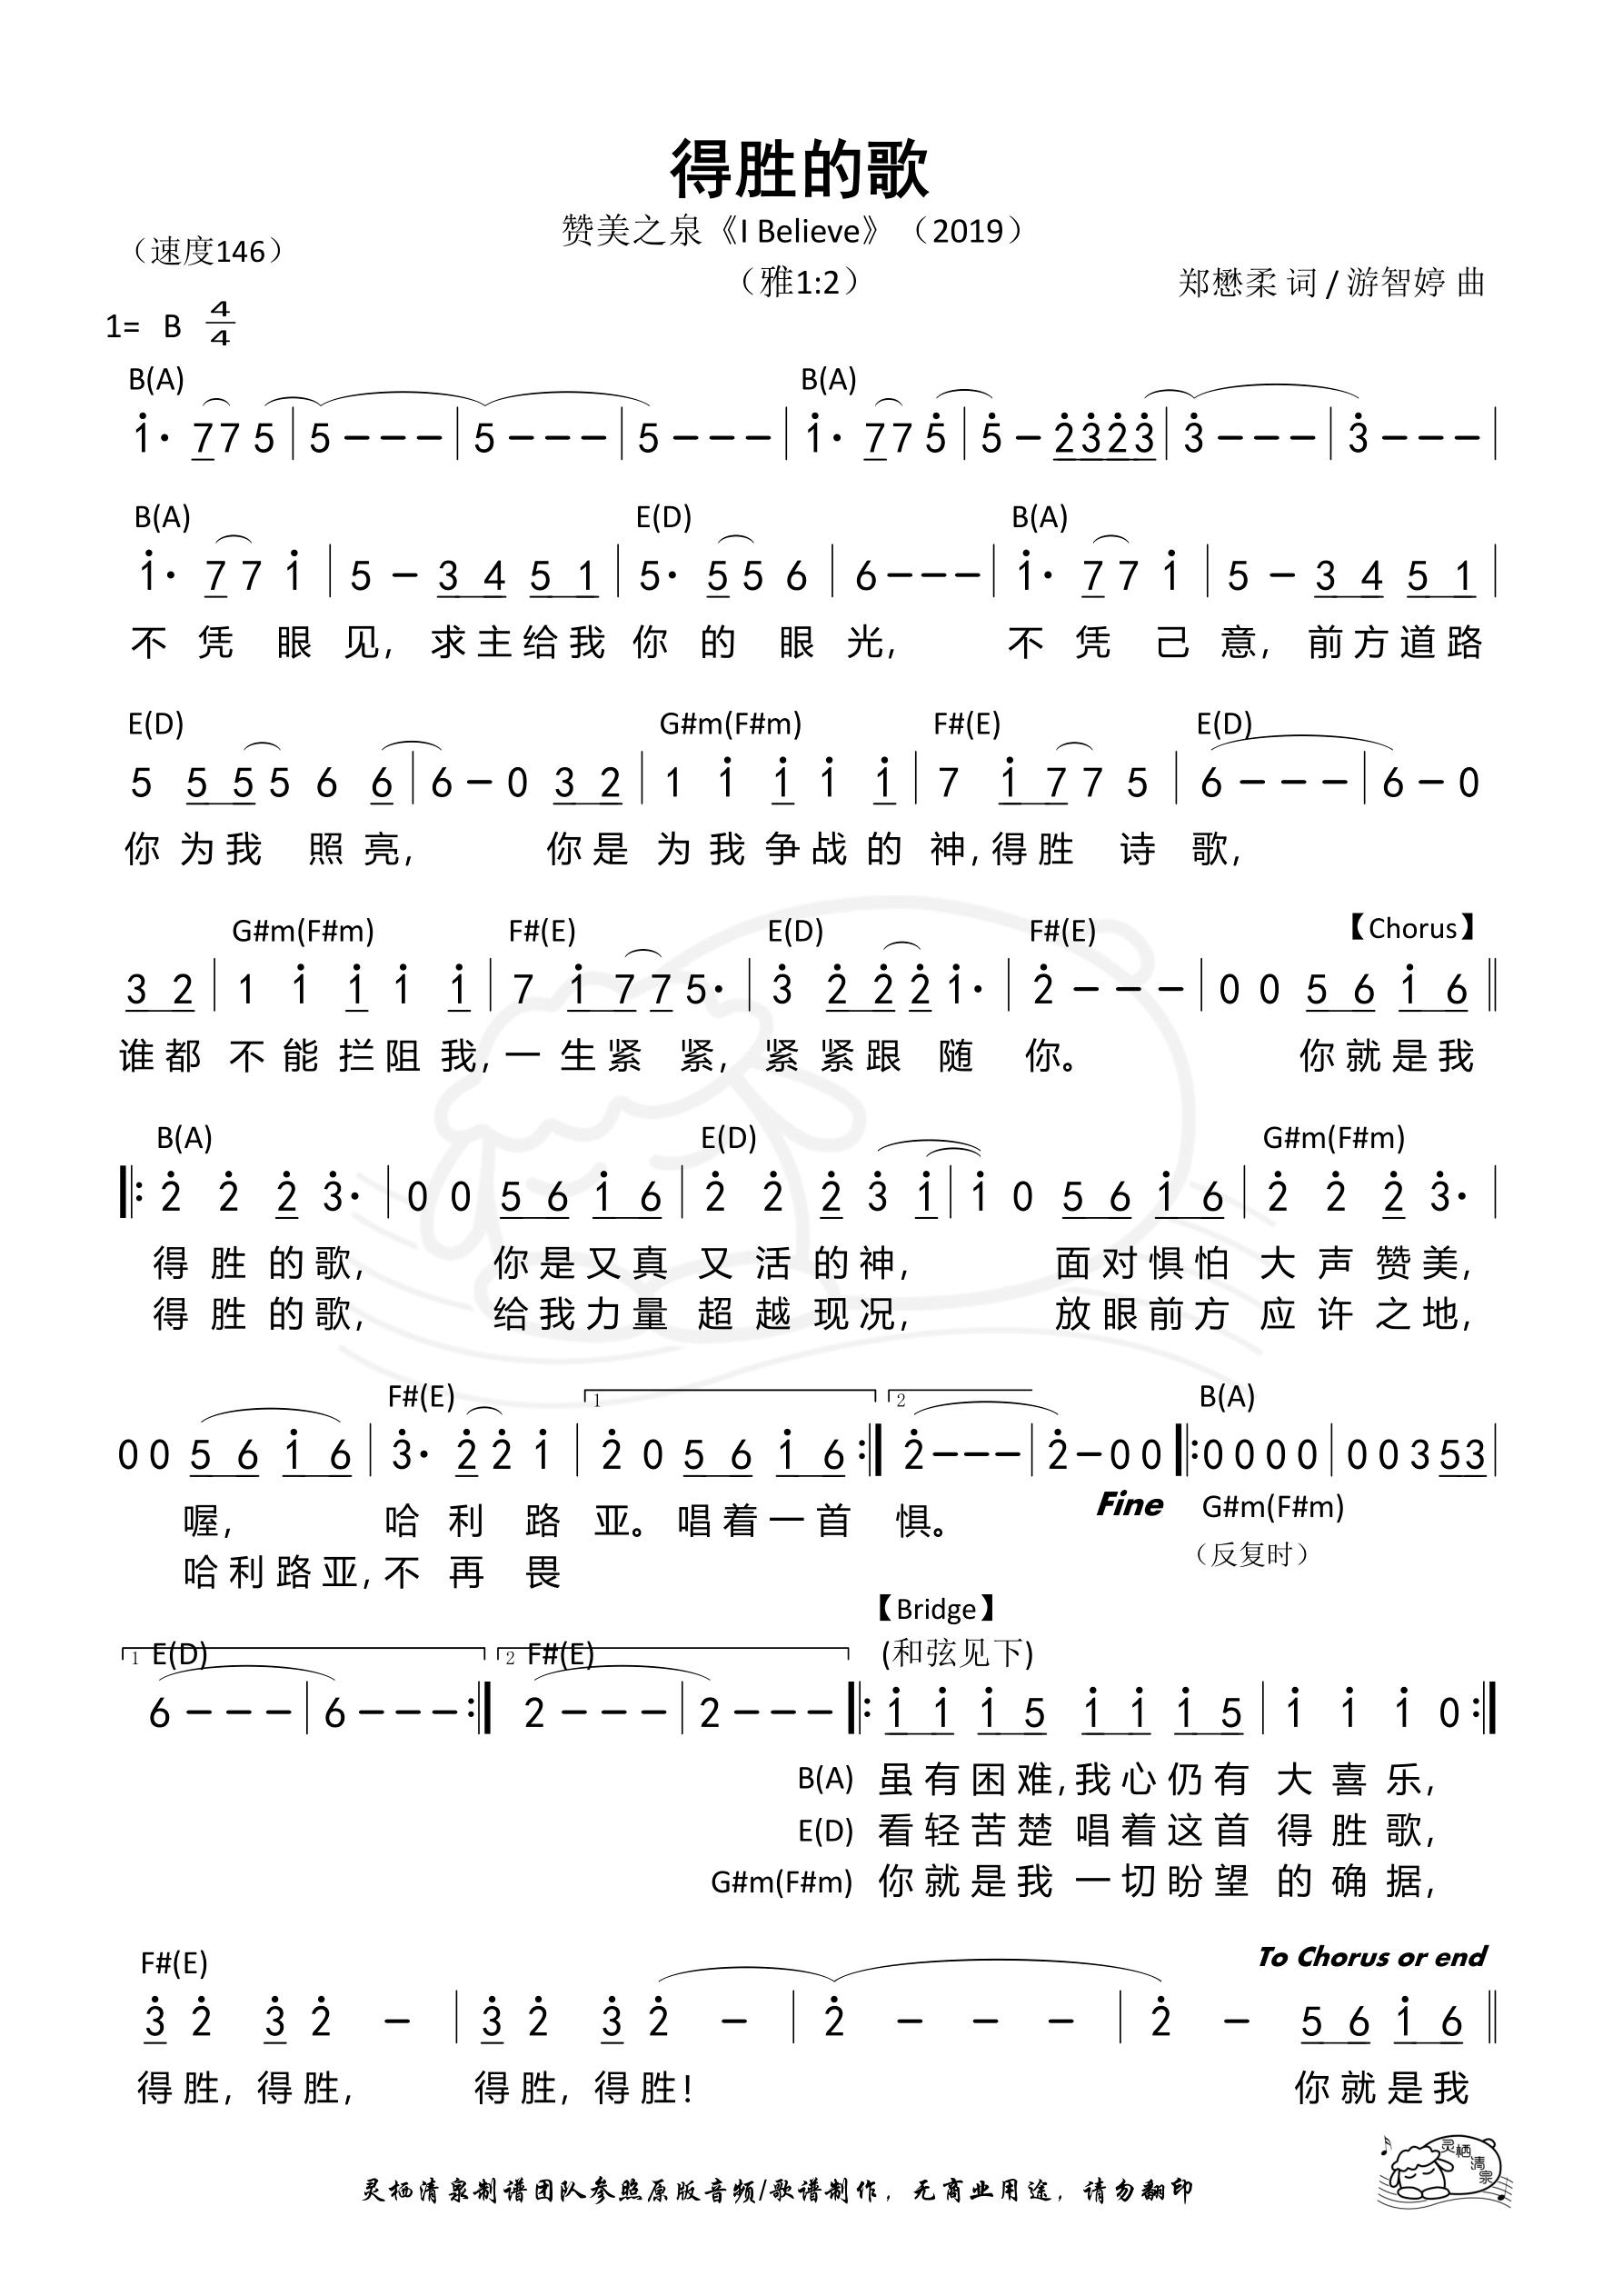 《第426首 - 得胜的歌 和弦简谱》